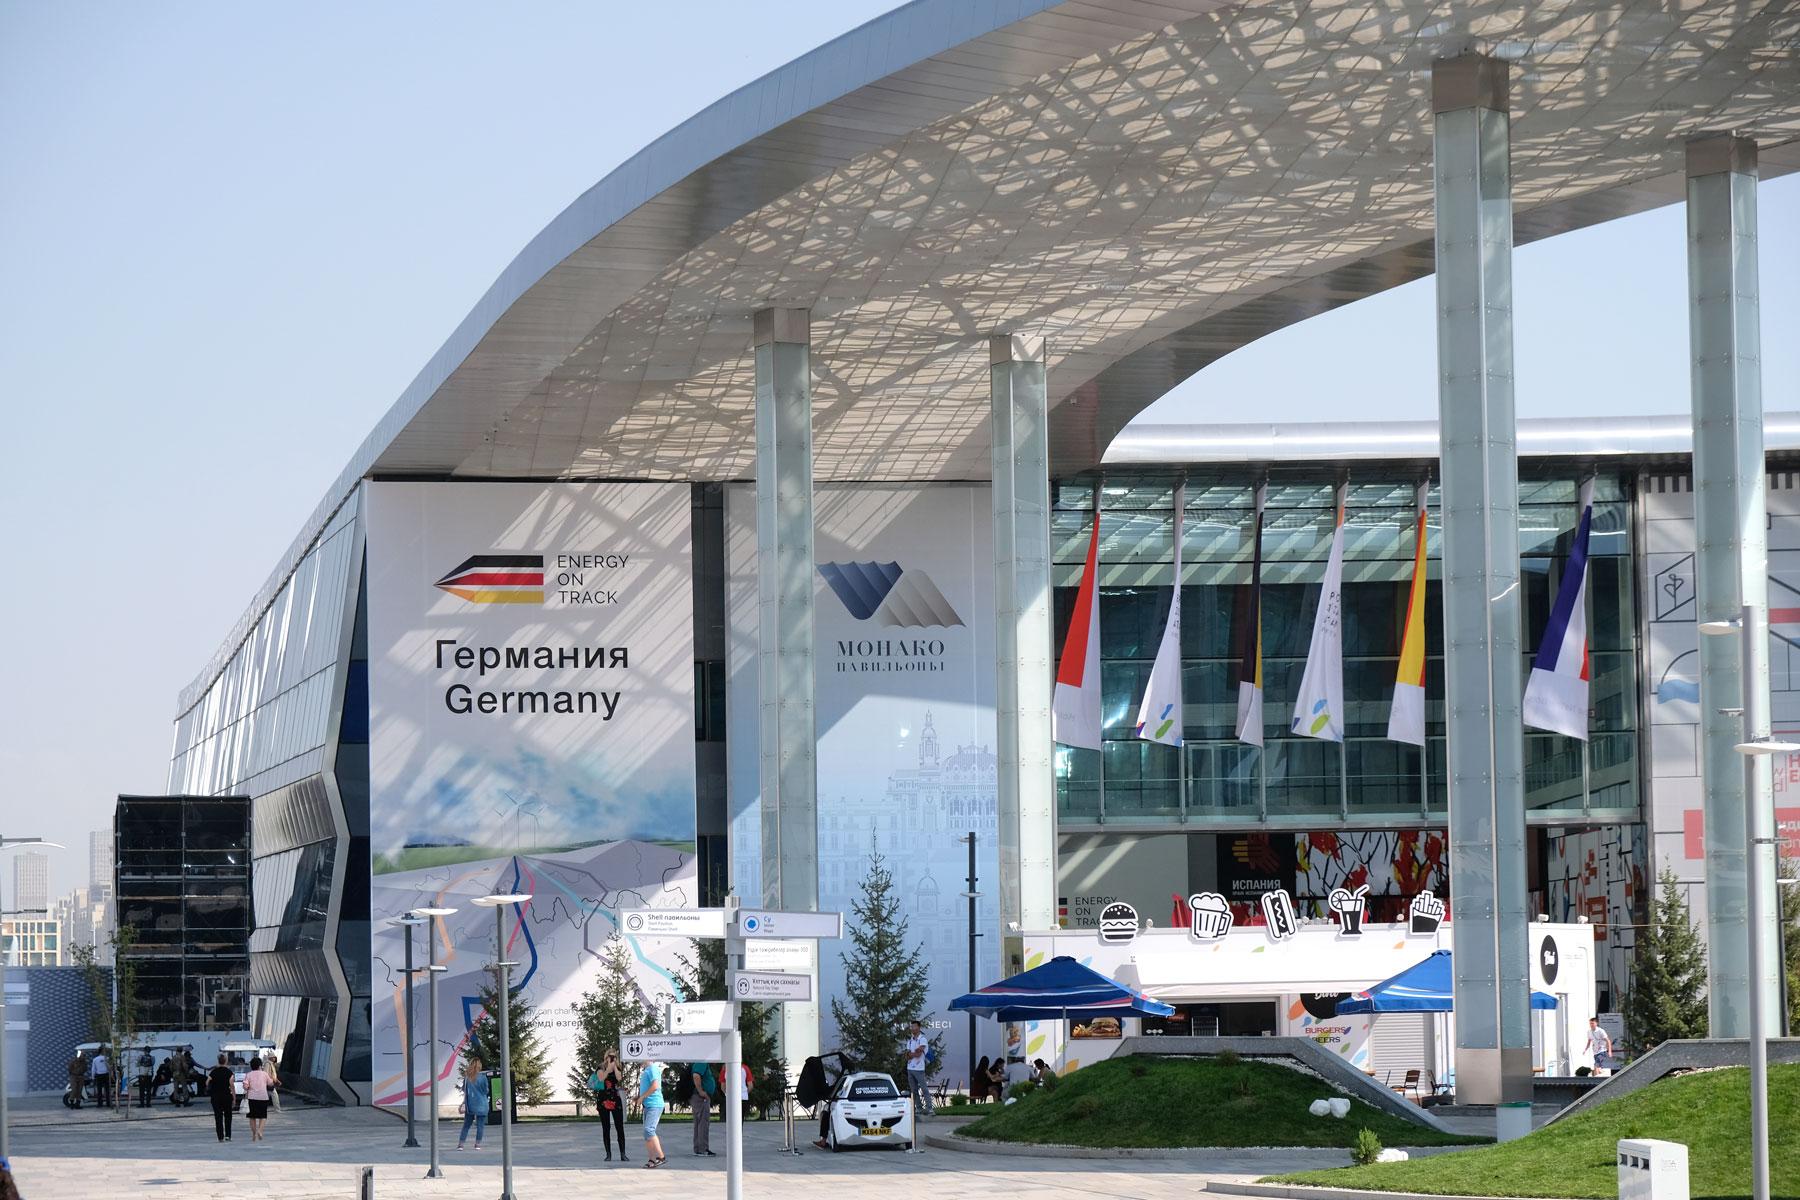 Der deutsche Pavillon auf der Expo 2017 in Astana in Kasachstan.